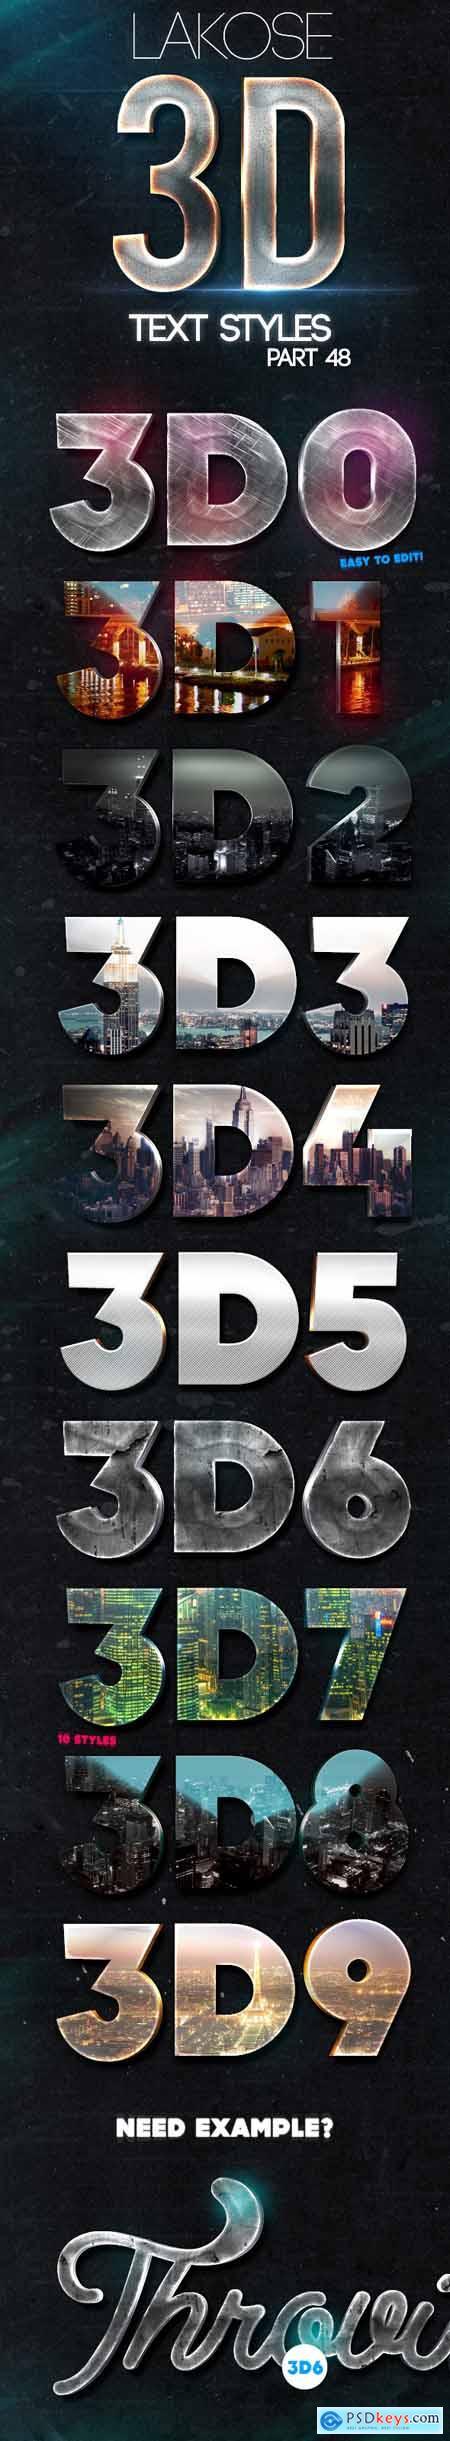 Lakose 3D Text Styles Part 48 24493556